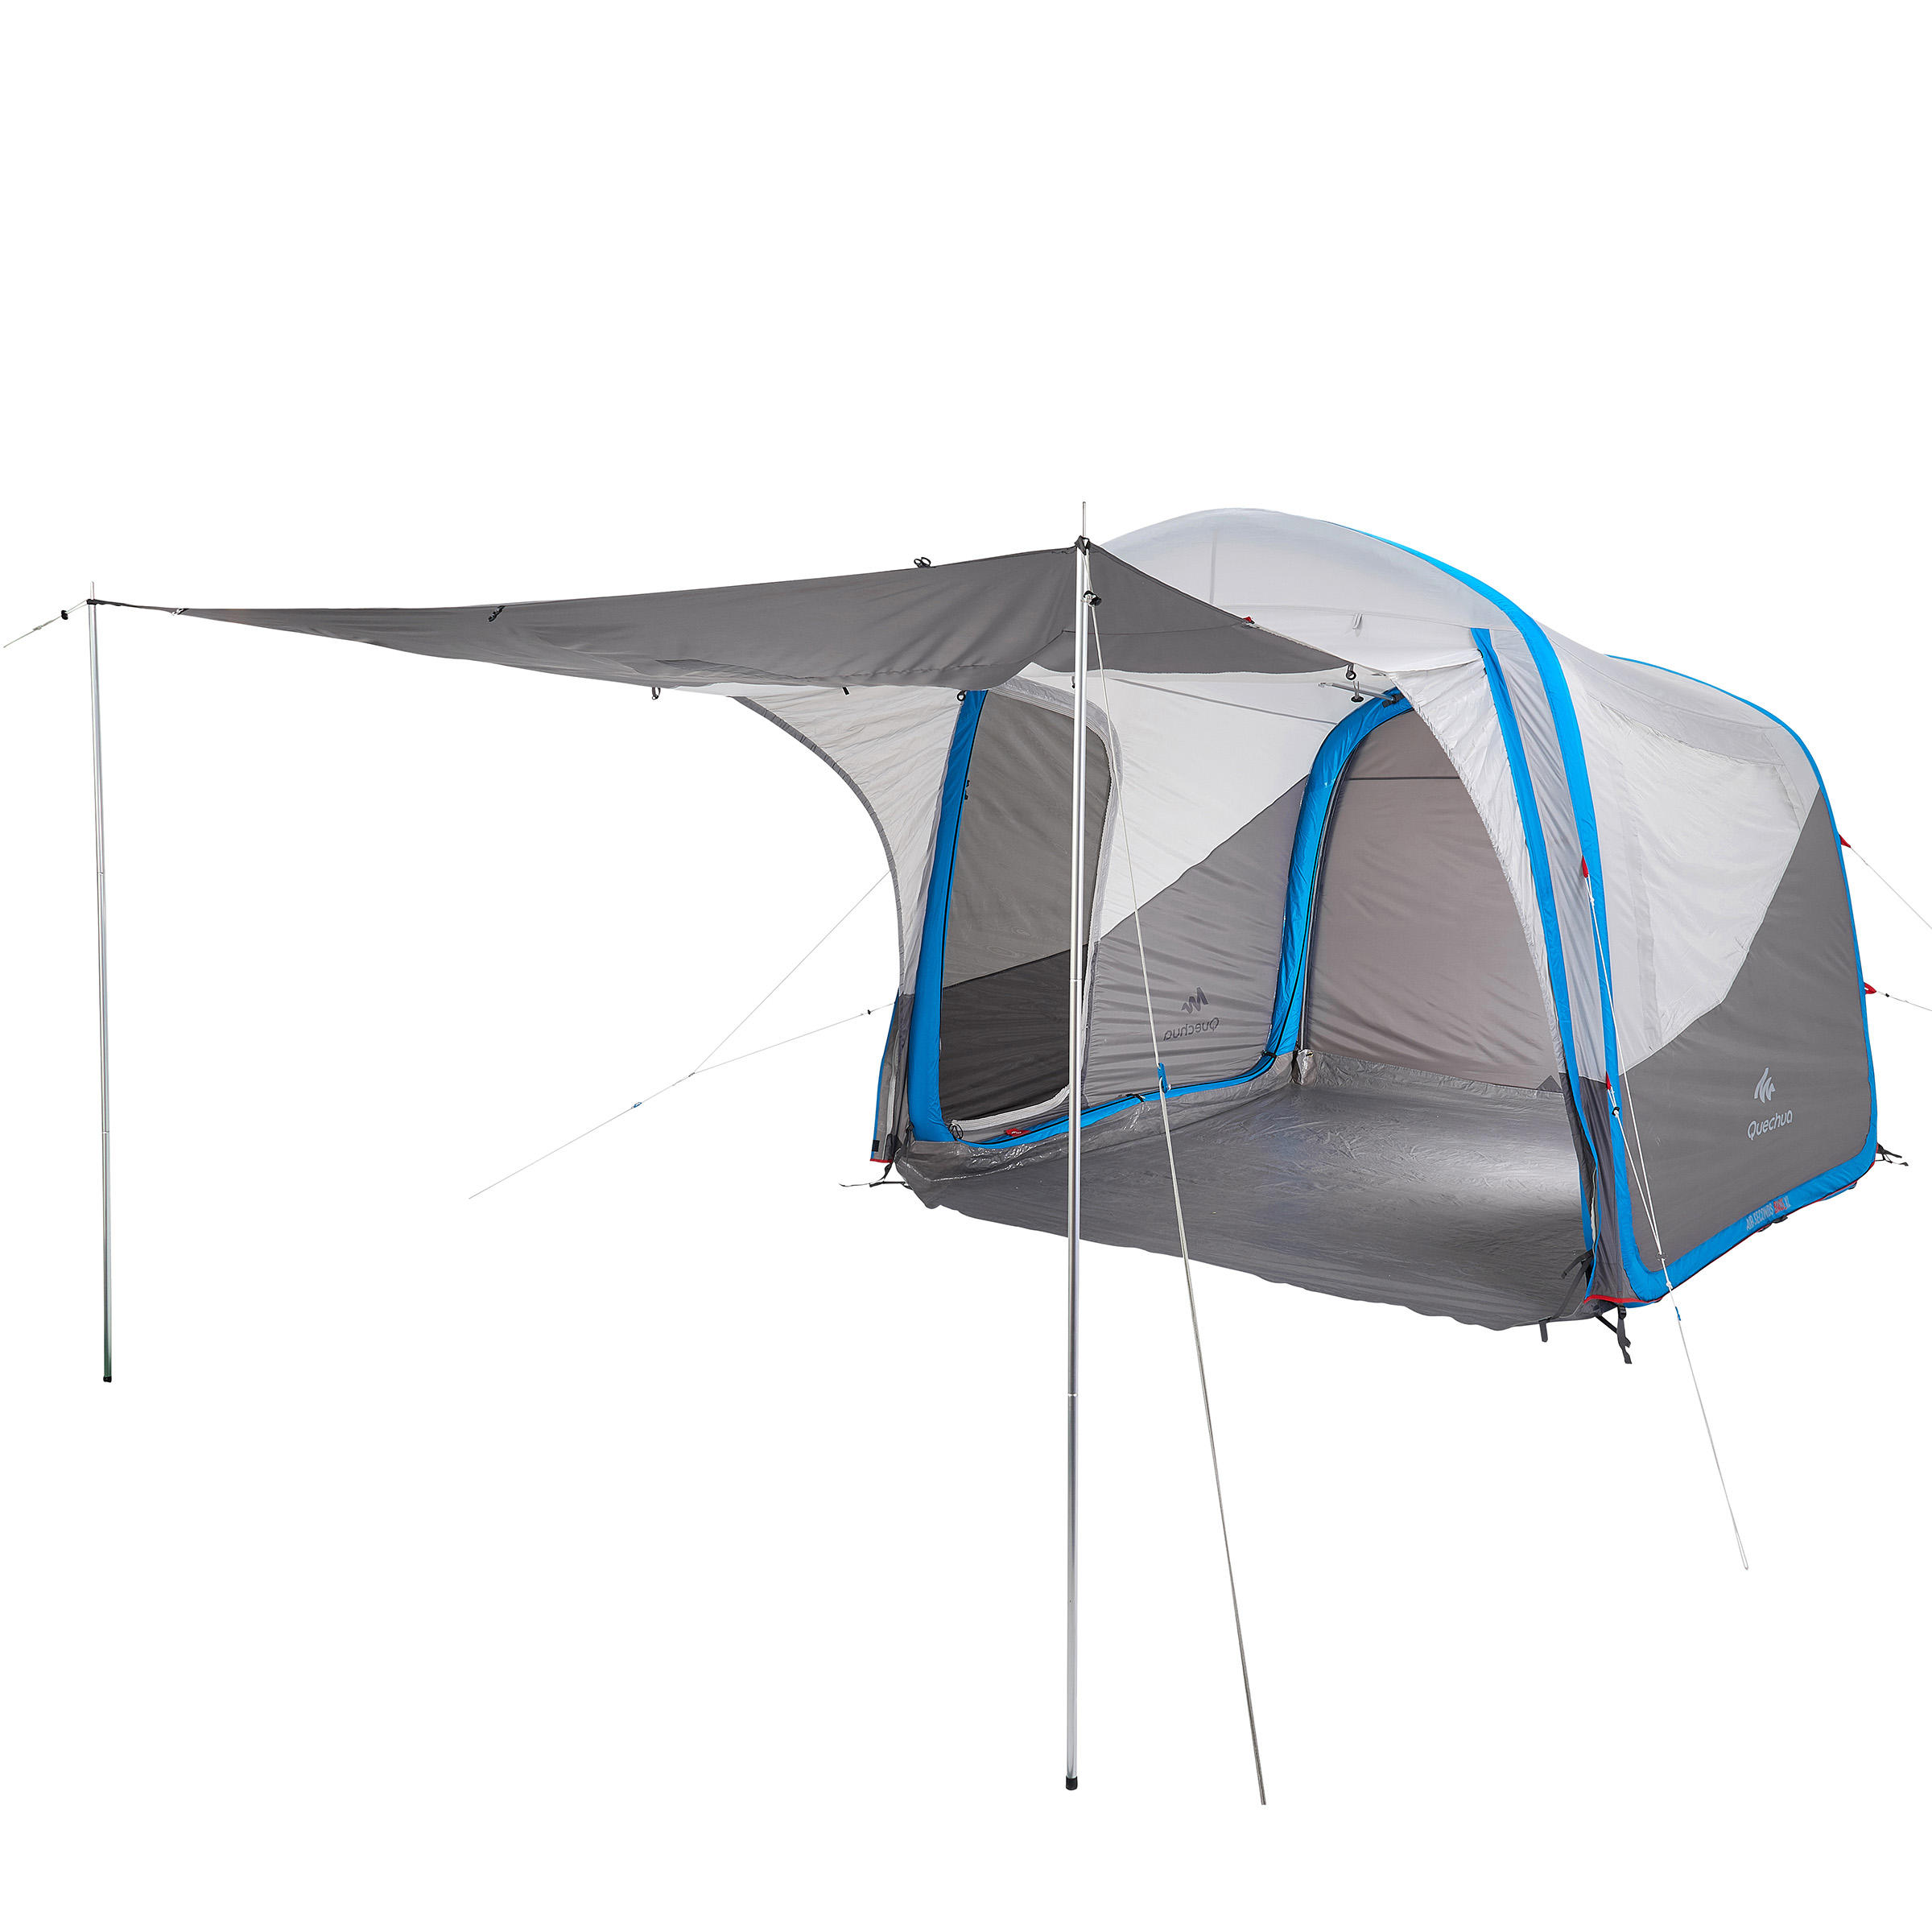 Quechua Shelter met deuren Air Seconds XL 6 personen SPF30 grijs